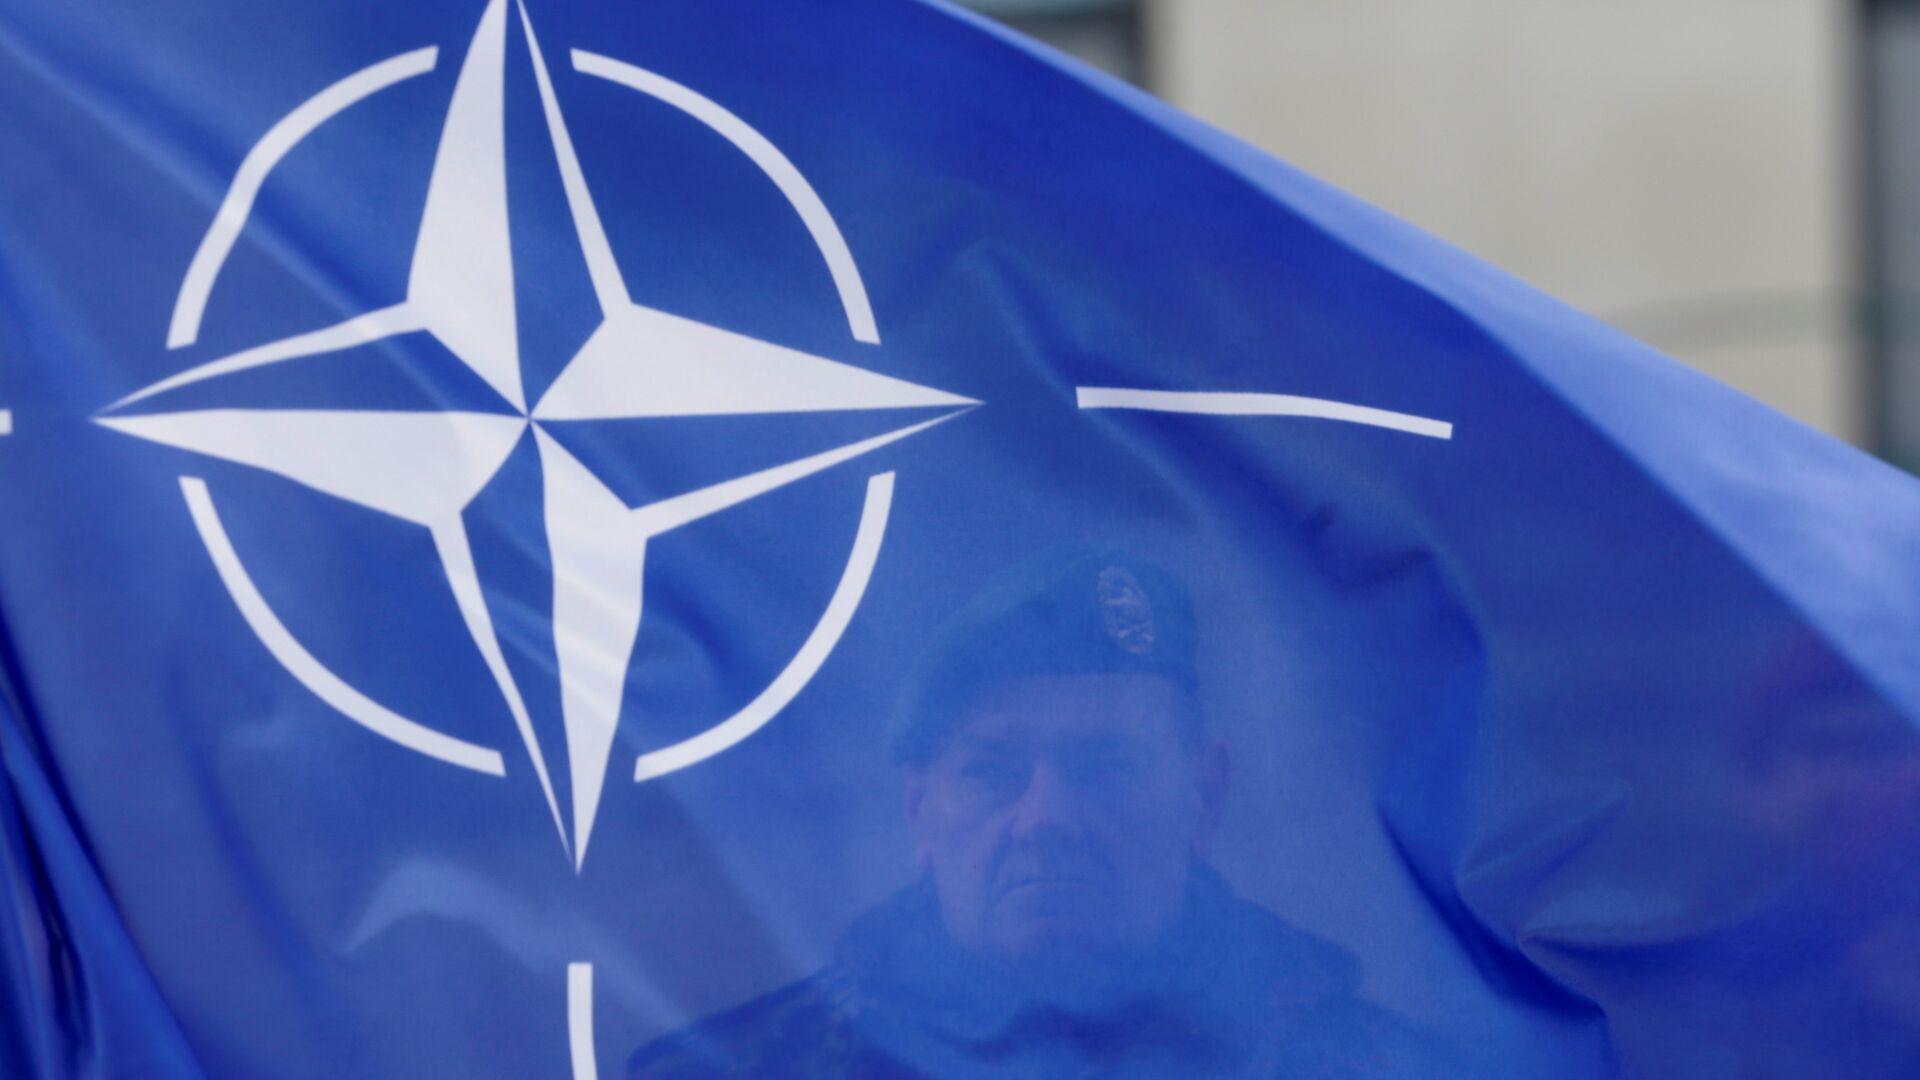 Bandera de la OTAN - Sputnik Mundo, 1920, 24.03.2021